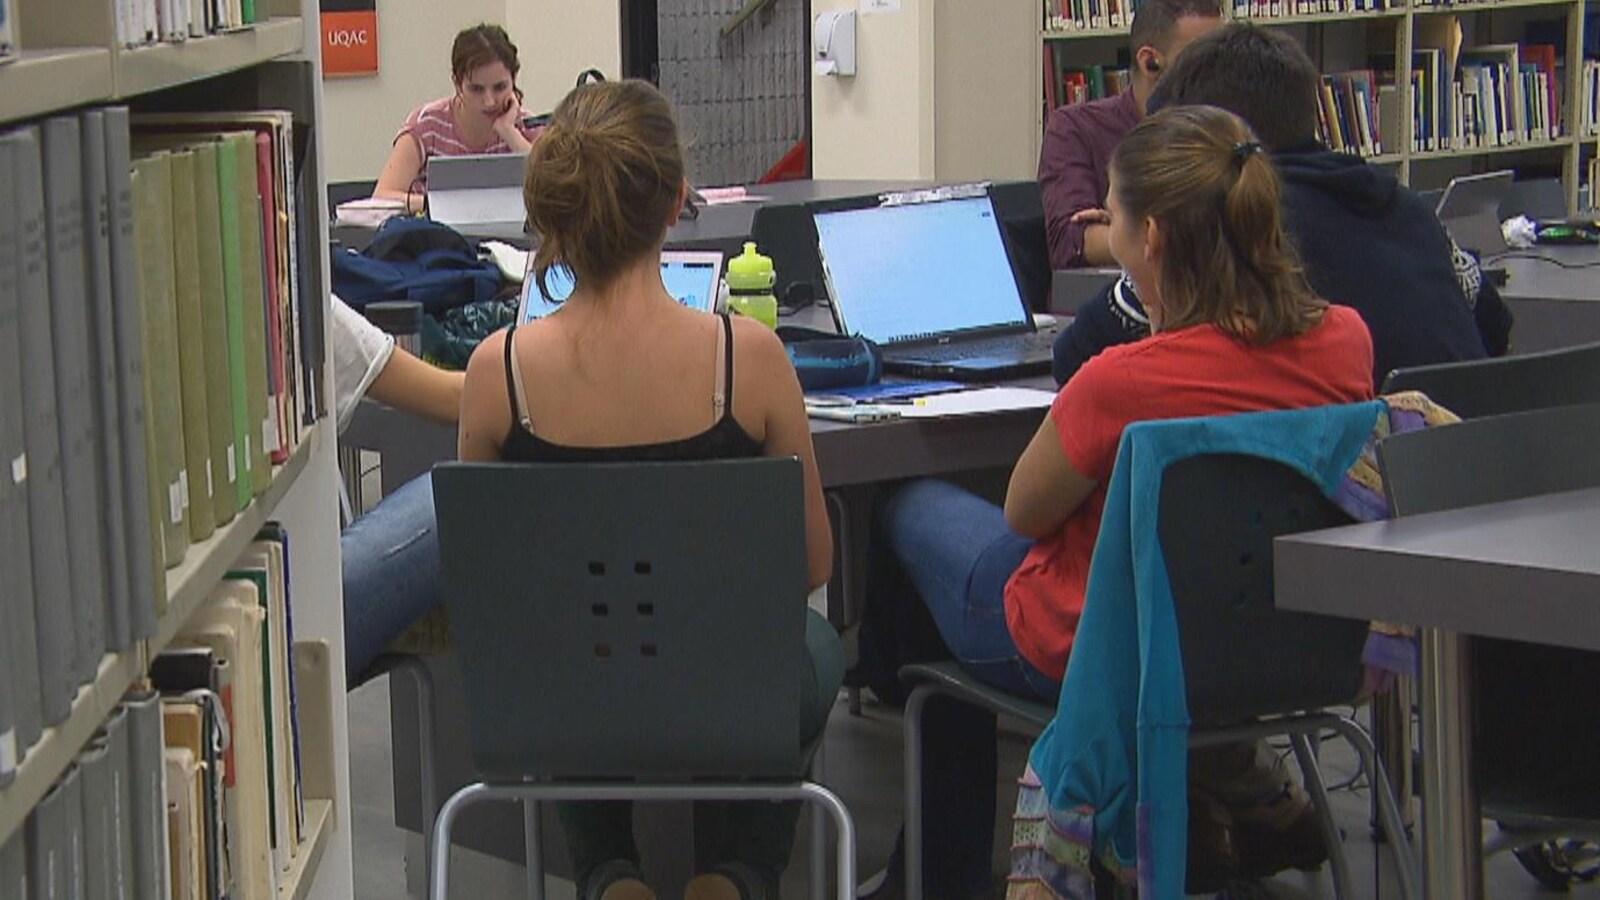 On voit des étudiants qui travaillent autour d'une table à la bibliothèque.